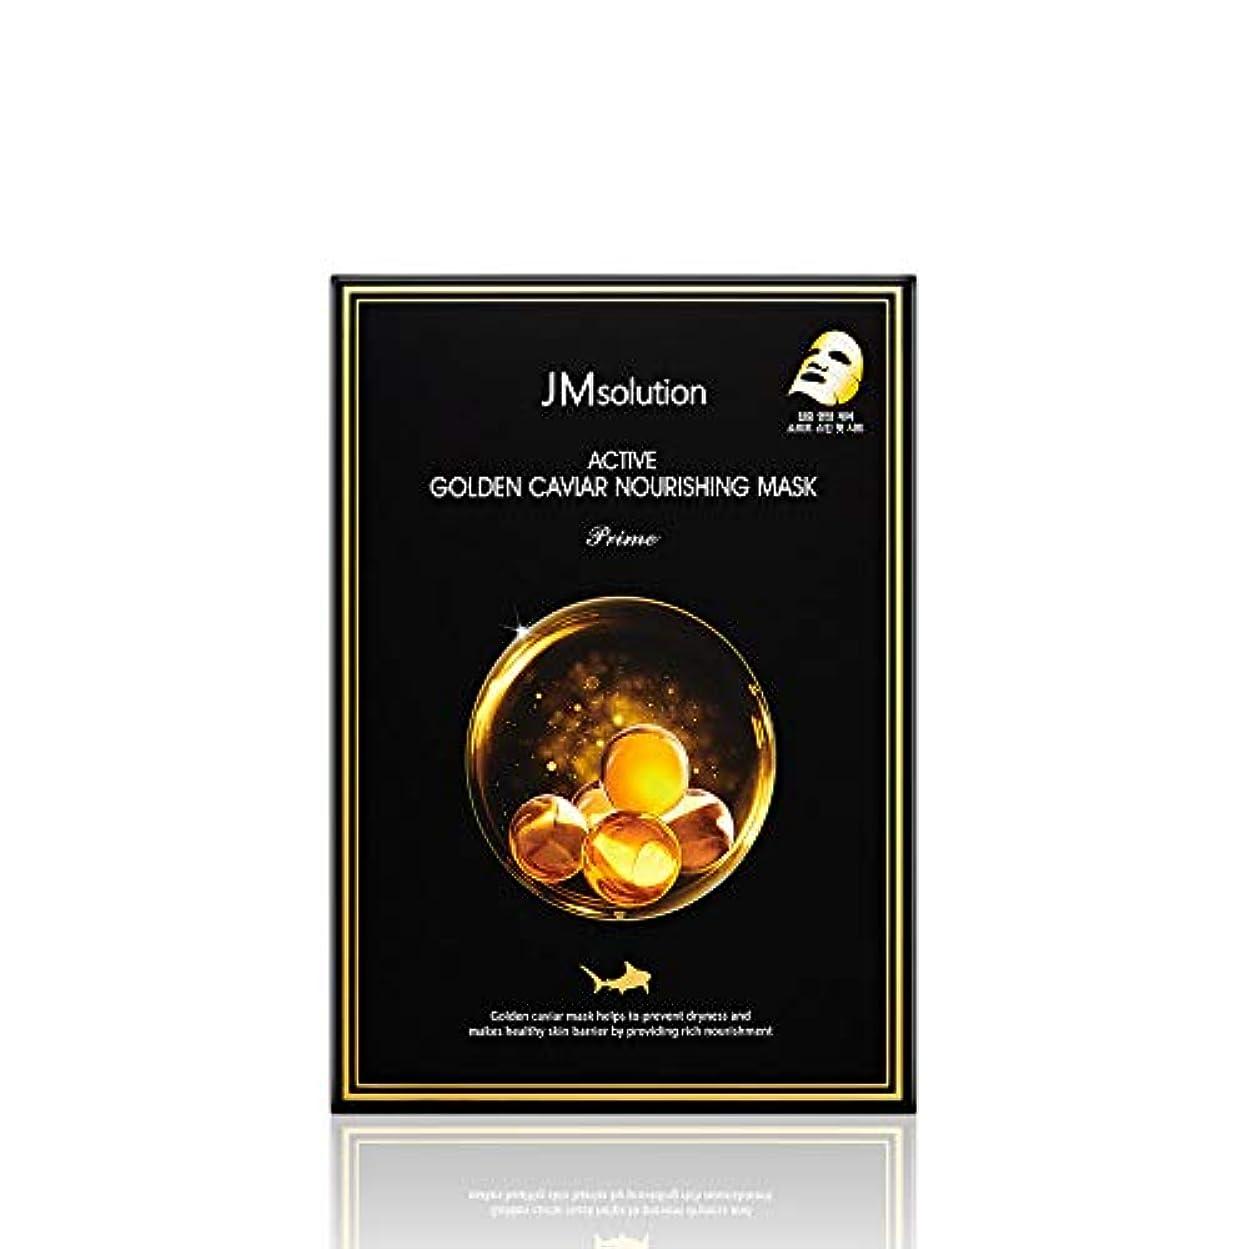 不純ステーキシンジケートJMソリューション(JM Solution) 乾燥肌のためのアクティブゴールデンキャビア栄養マスクプライム 30mlx10P / Active Golden Caviar Nourishing Mask Prime For...